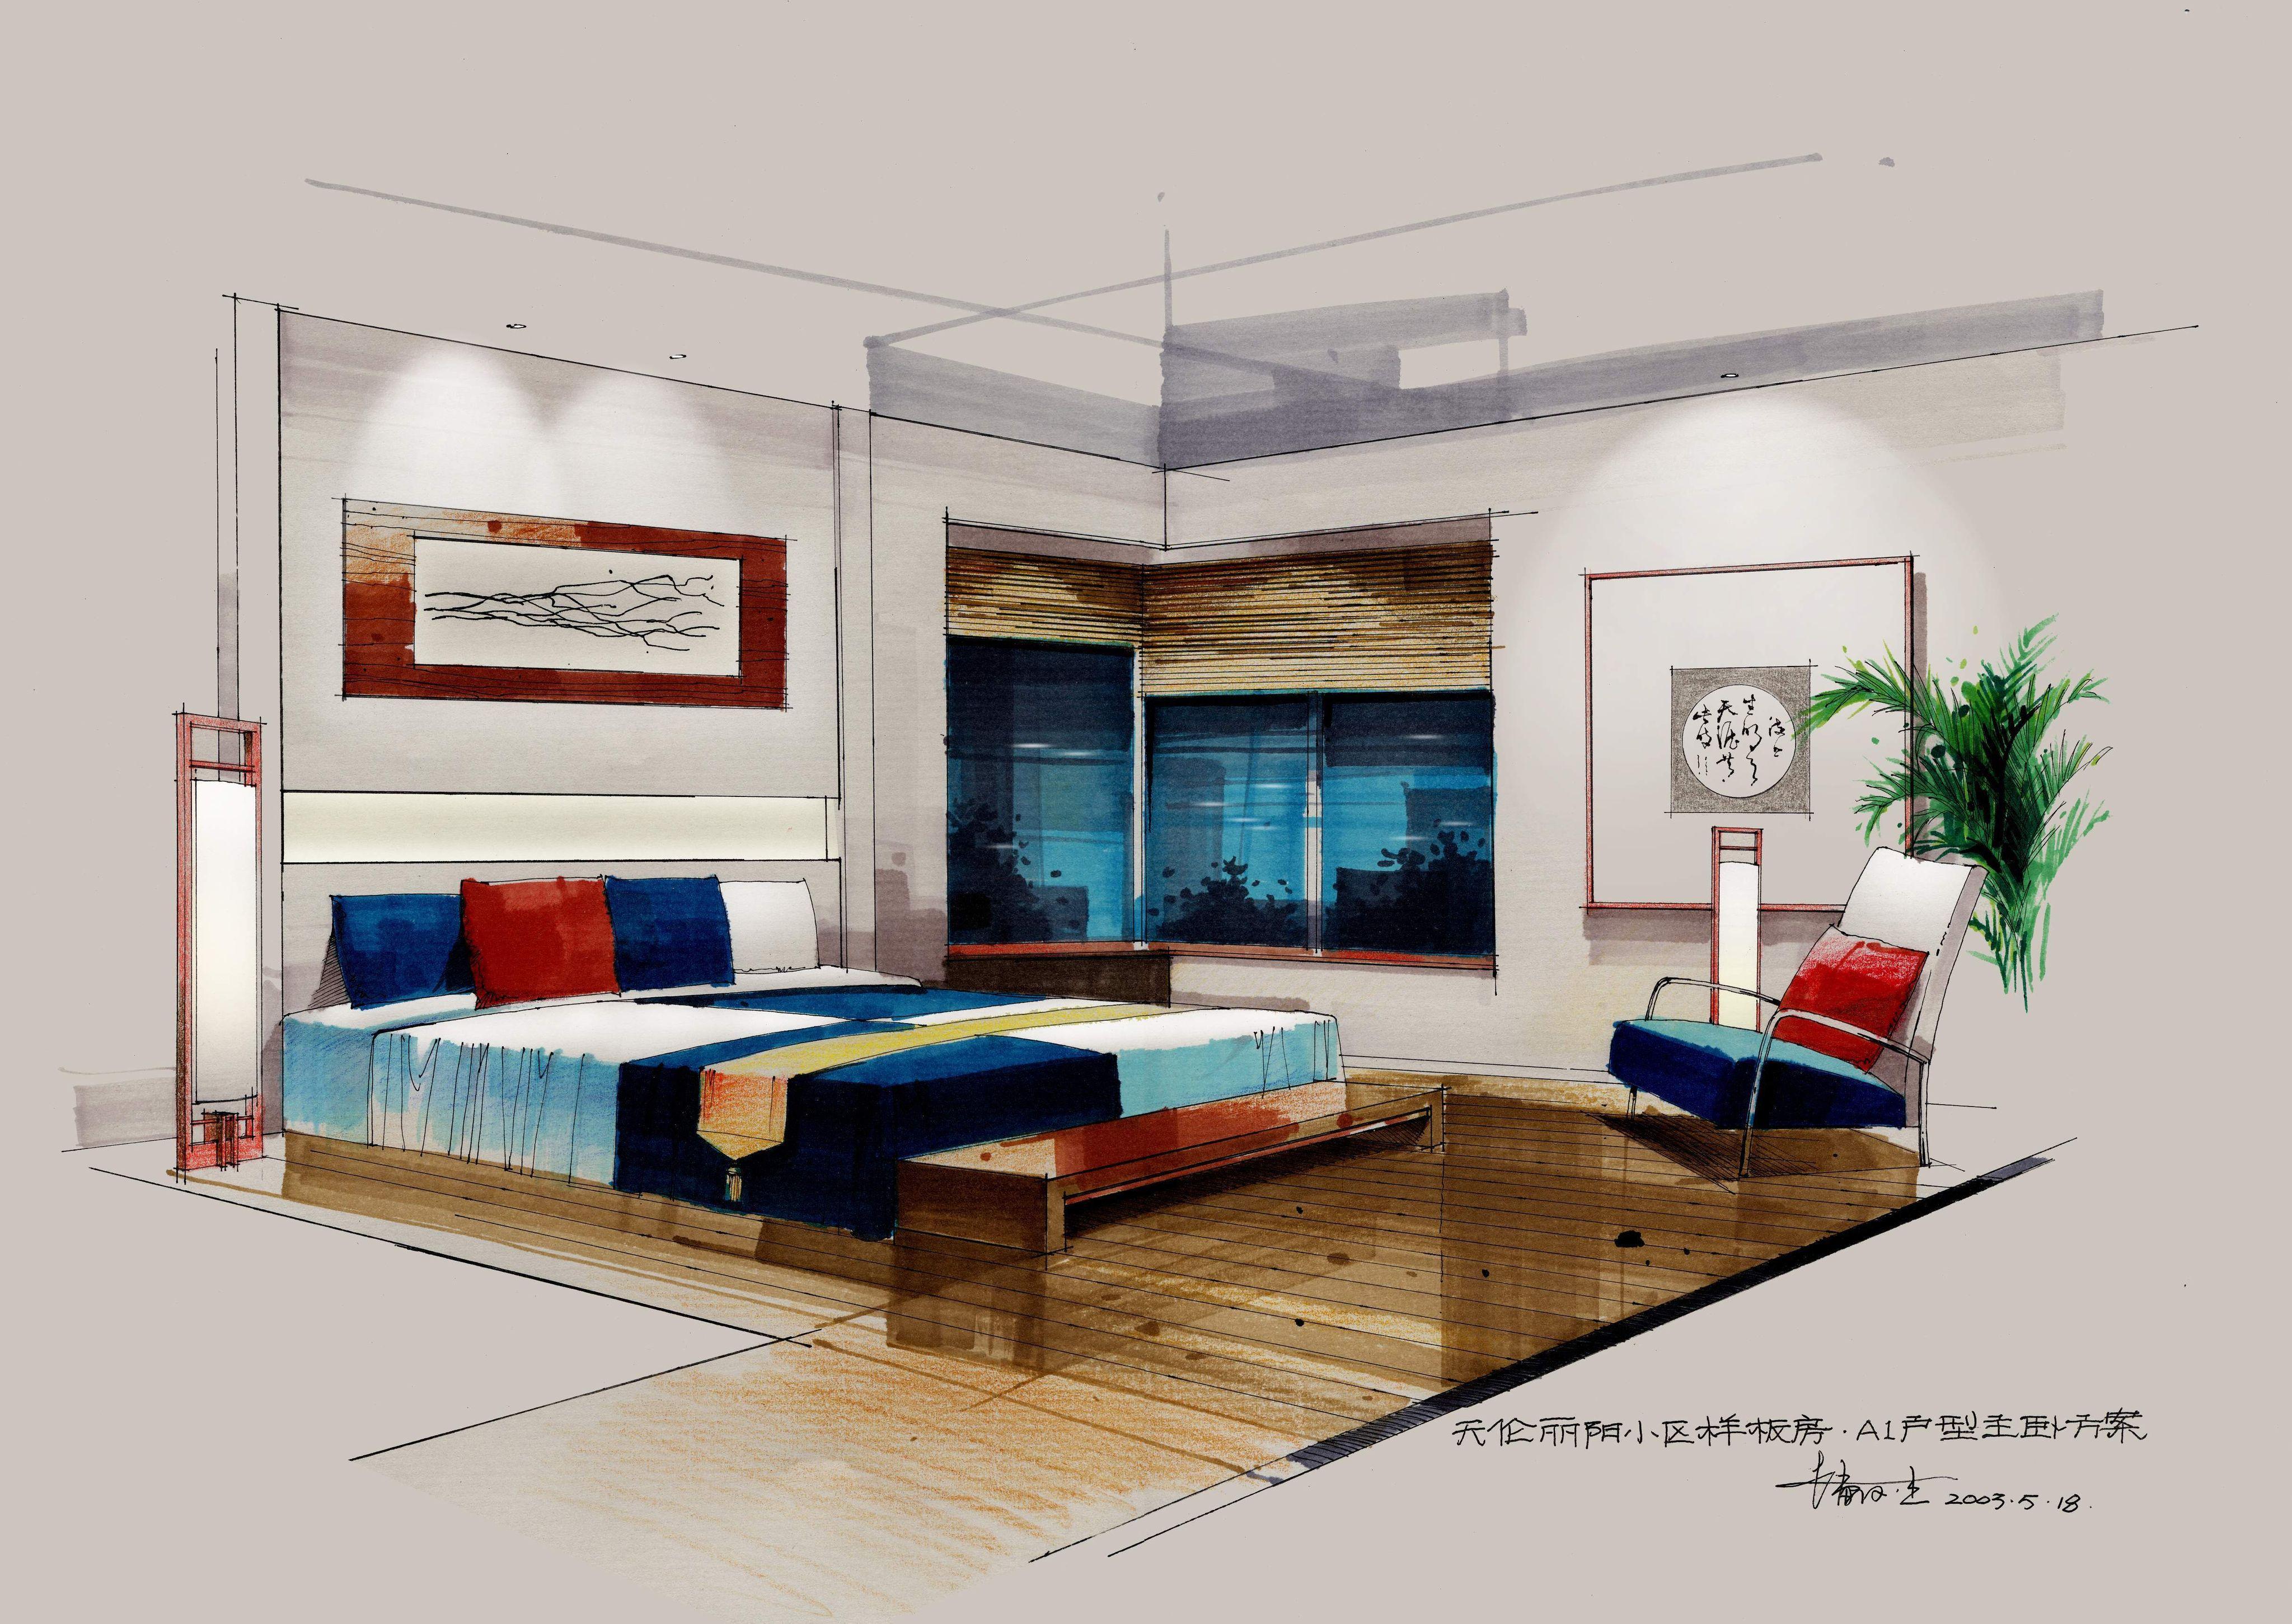 寻一张二点透视室内手绘效果图啊,简单点的,网上资源有效呃